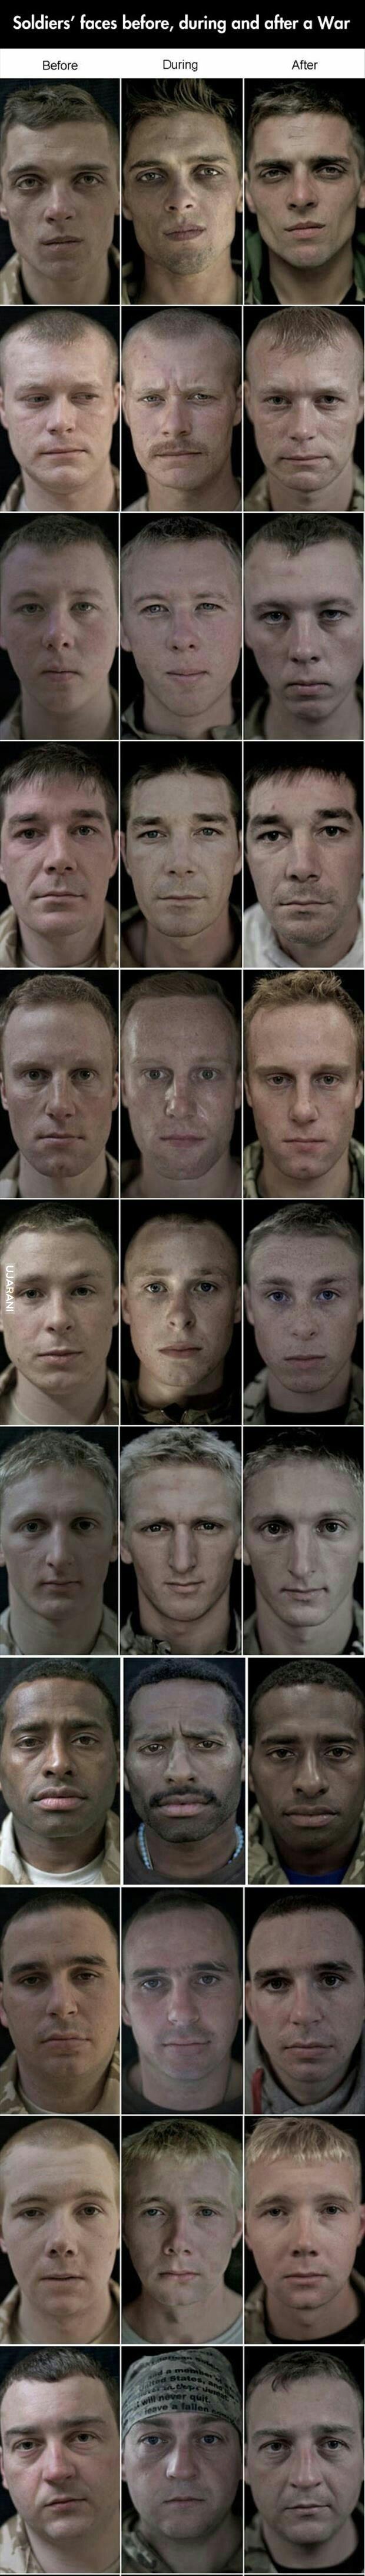 Przed, w trakcie i po wojnie